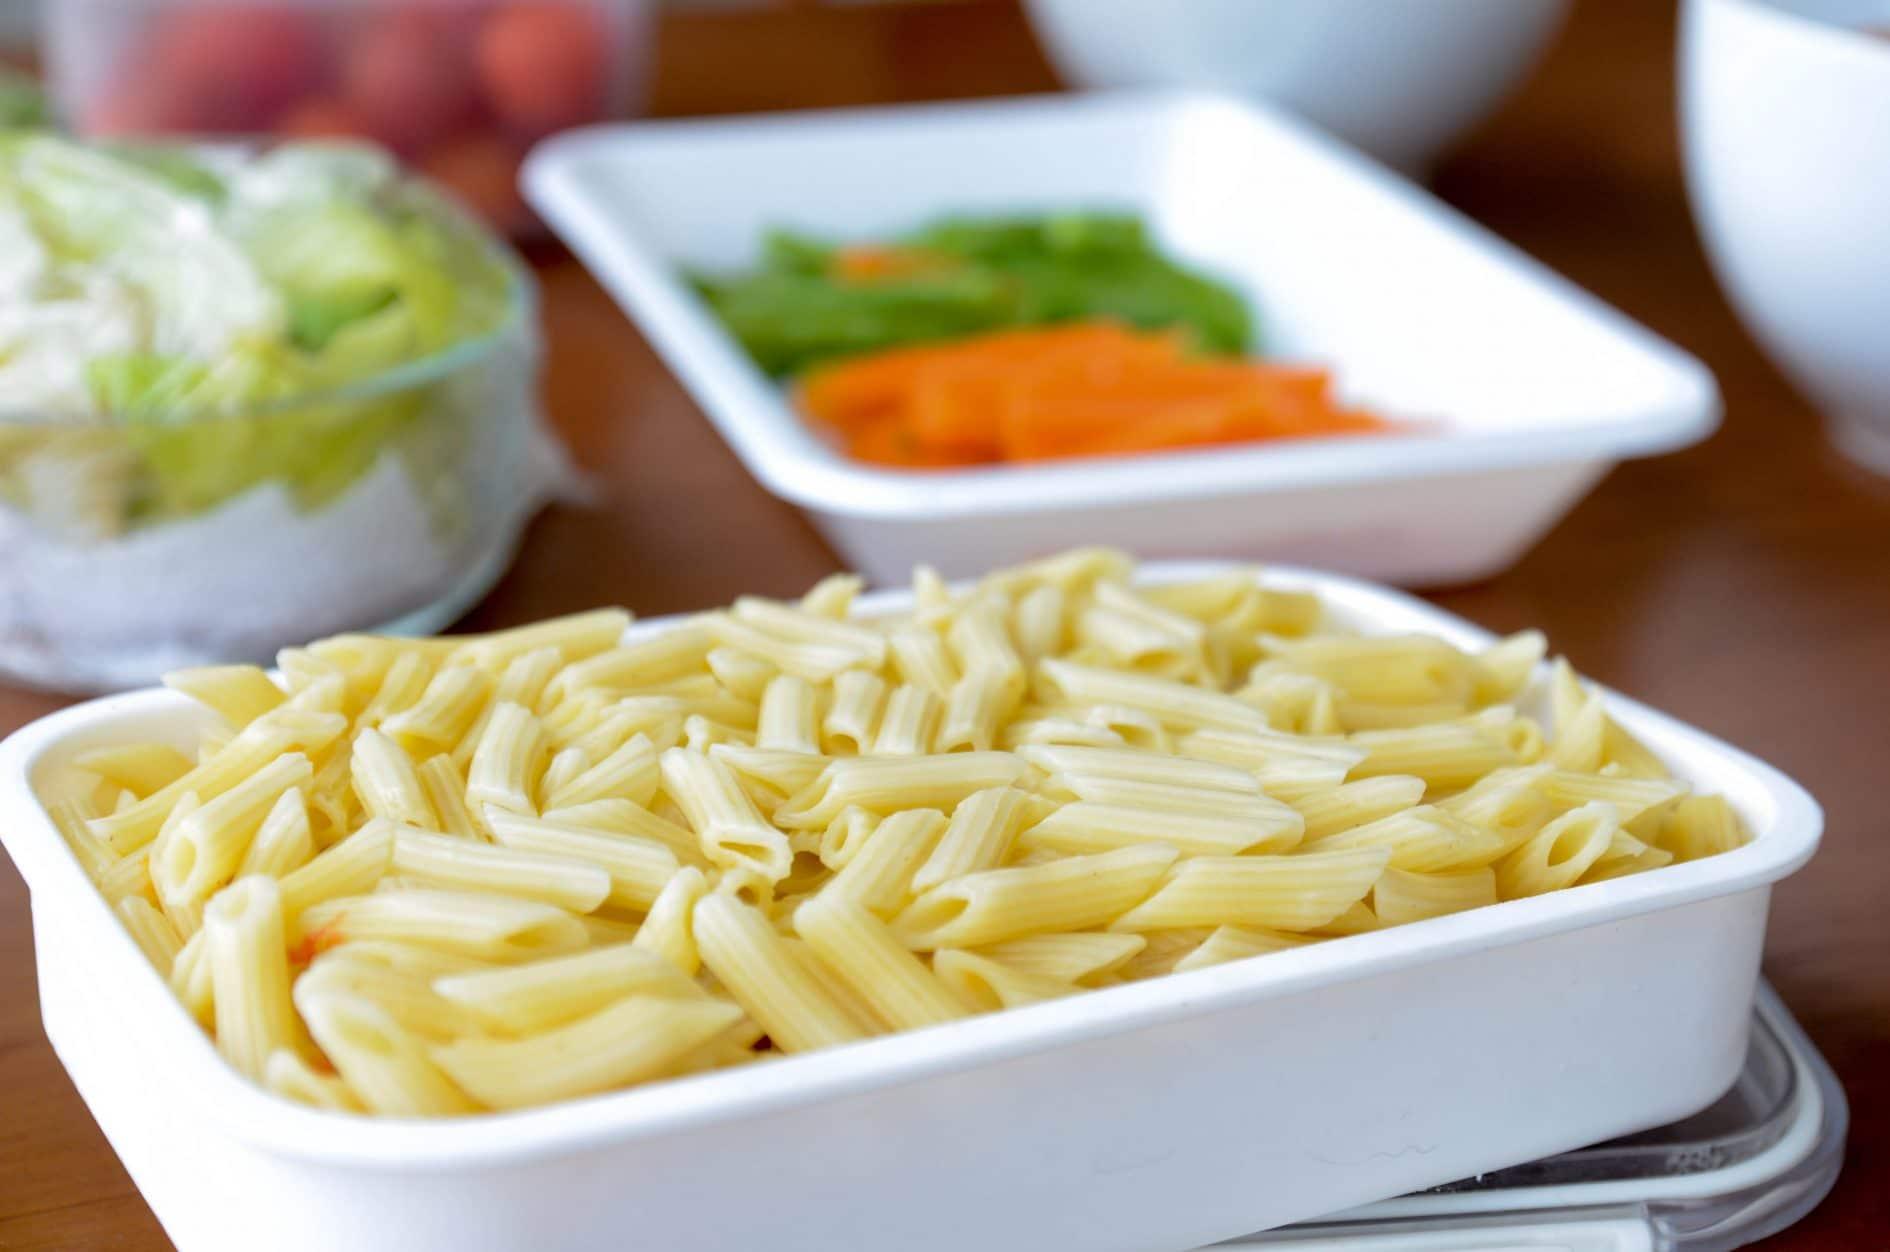 Cozinhar em lote – Vamos economizar tempo e dinheiro na cozinha?